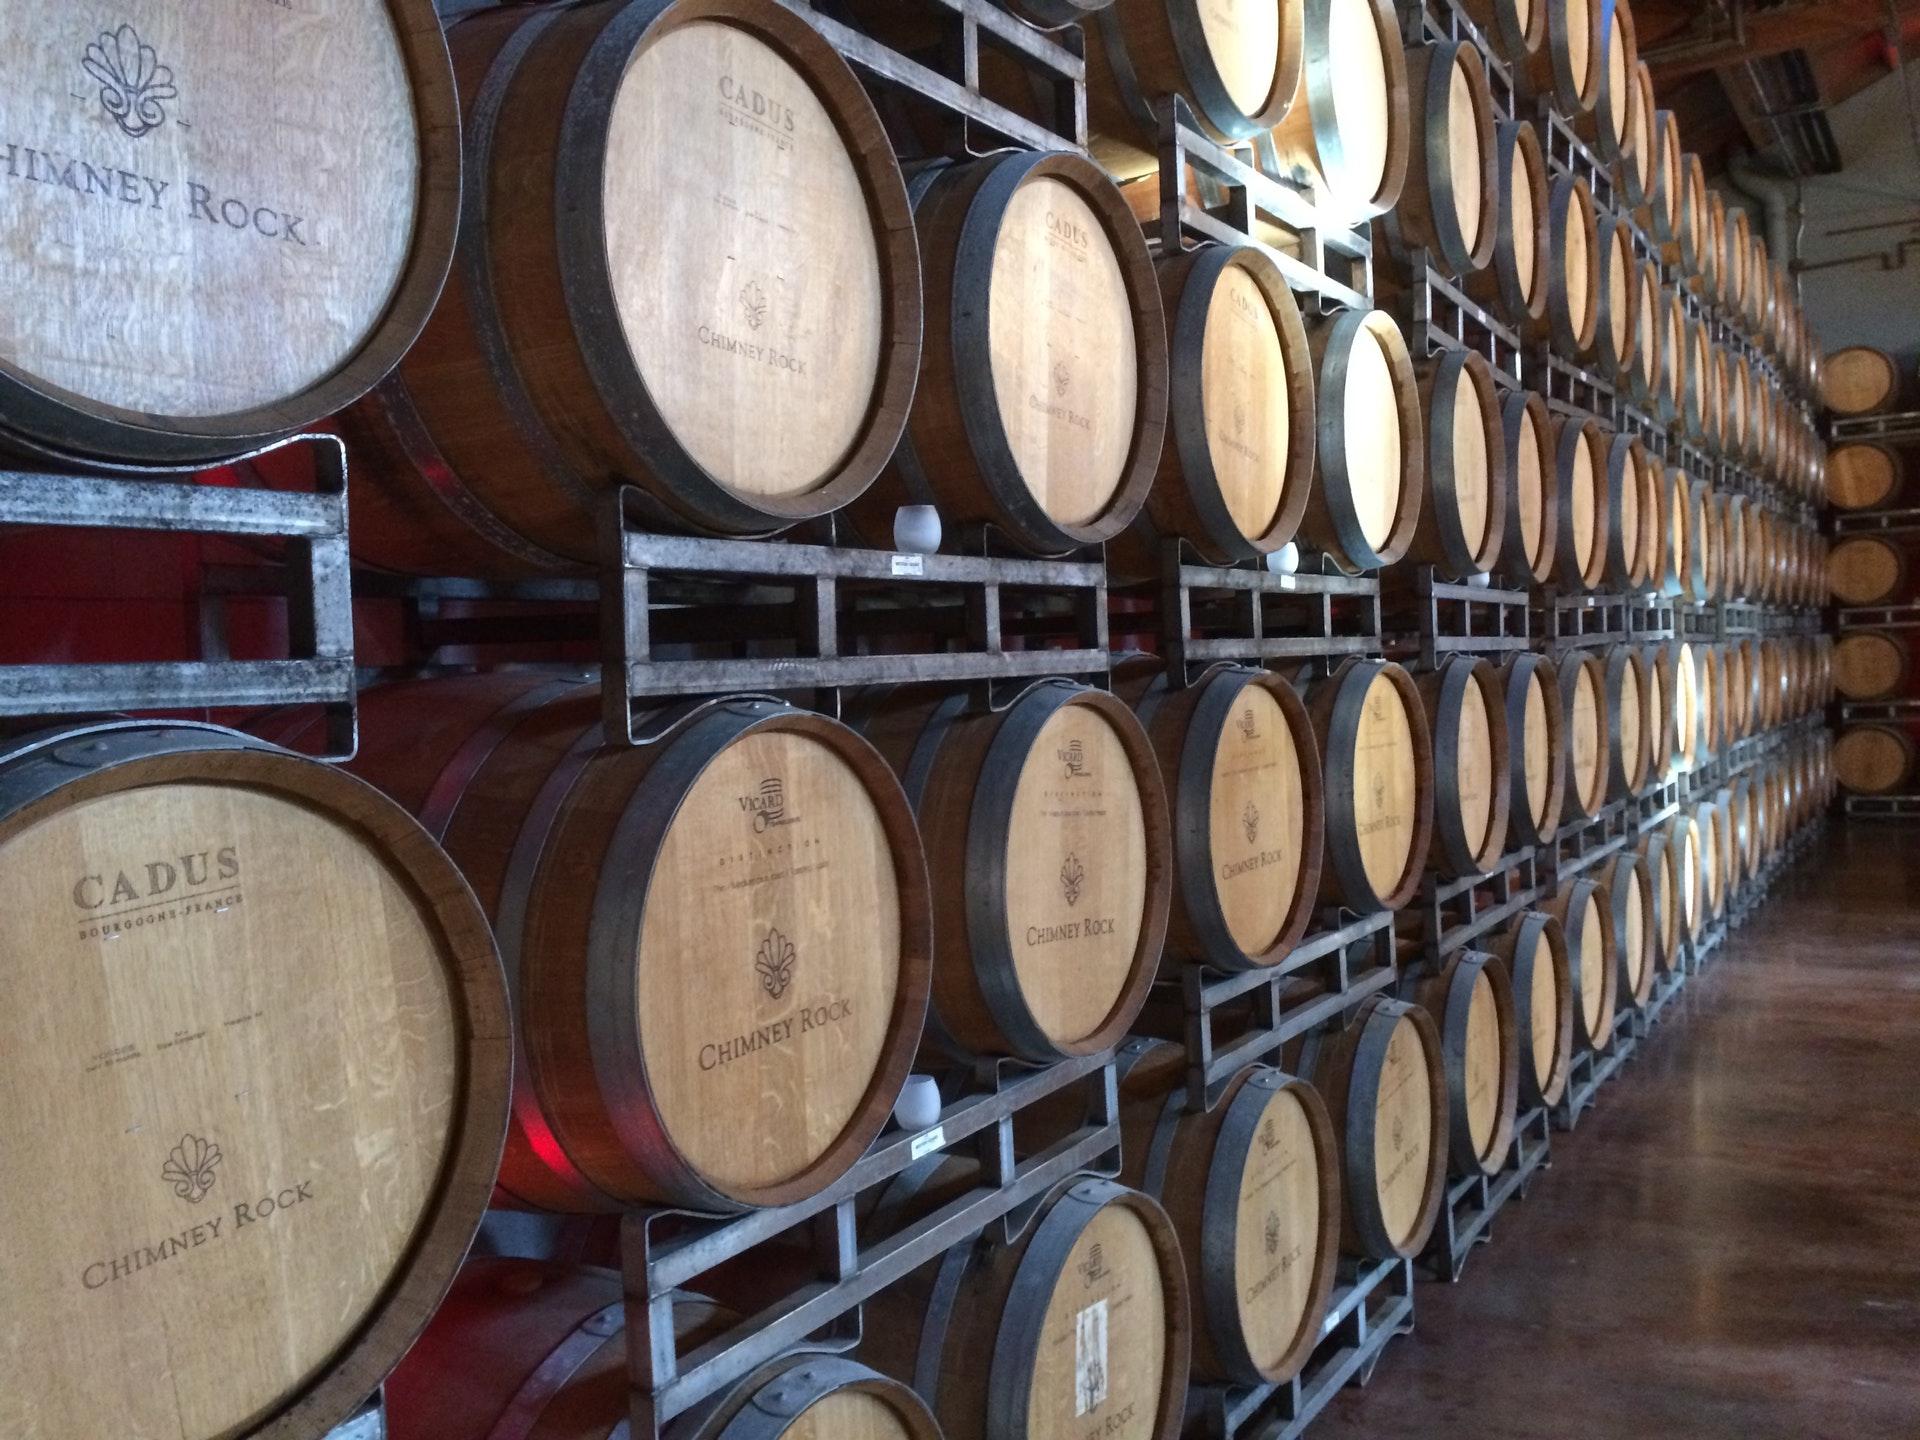 Inwestycja w wino czy w whisky?